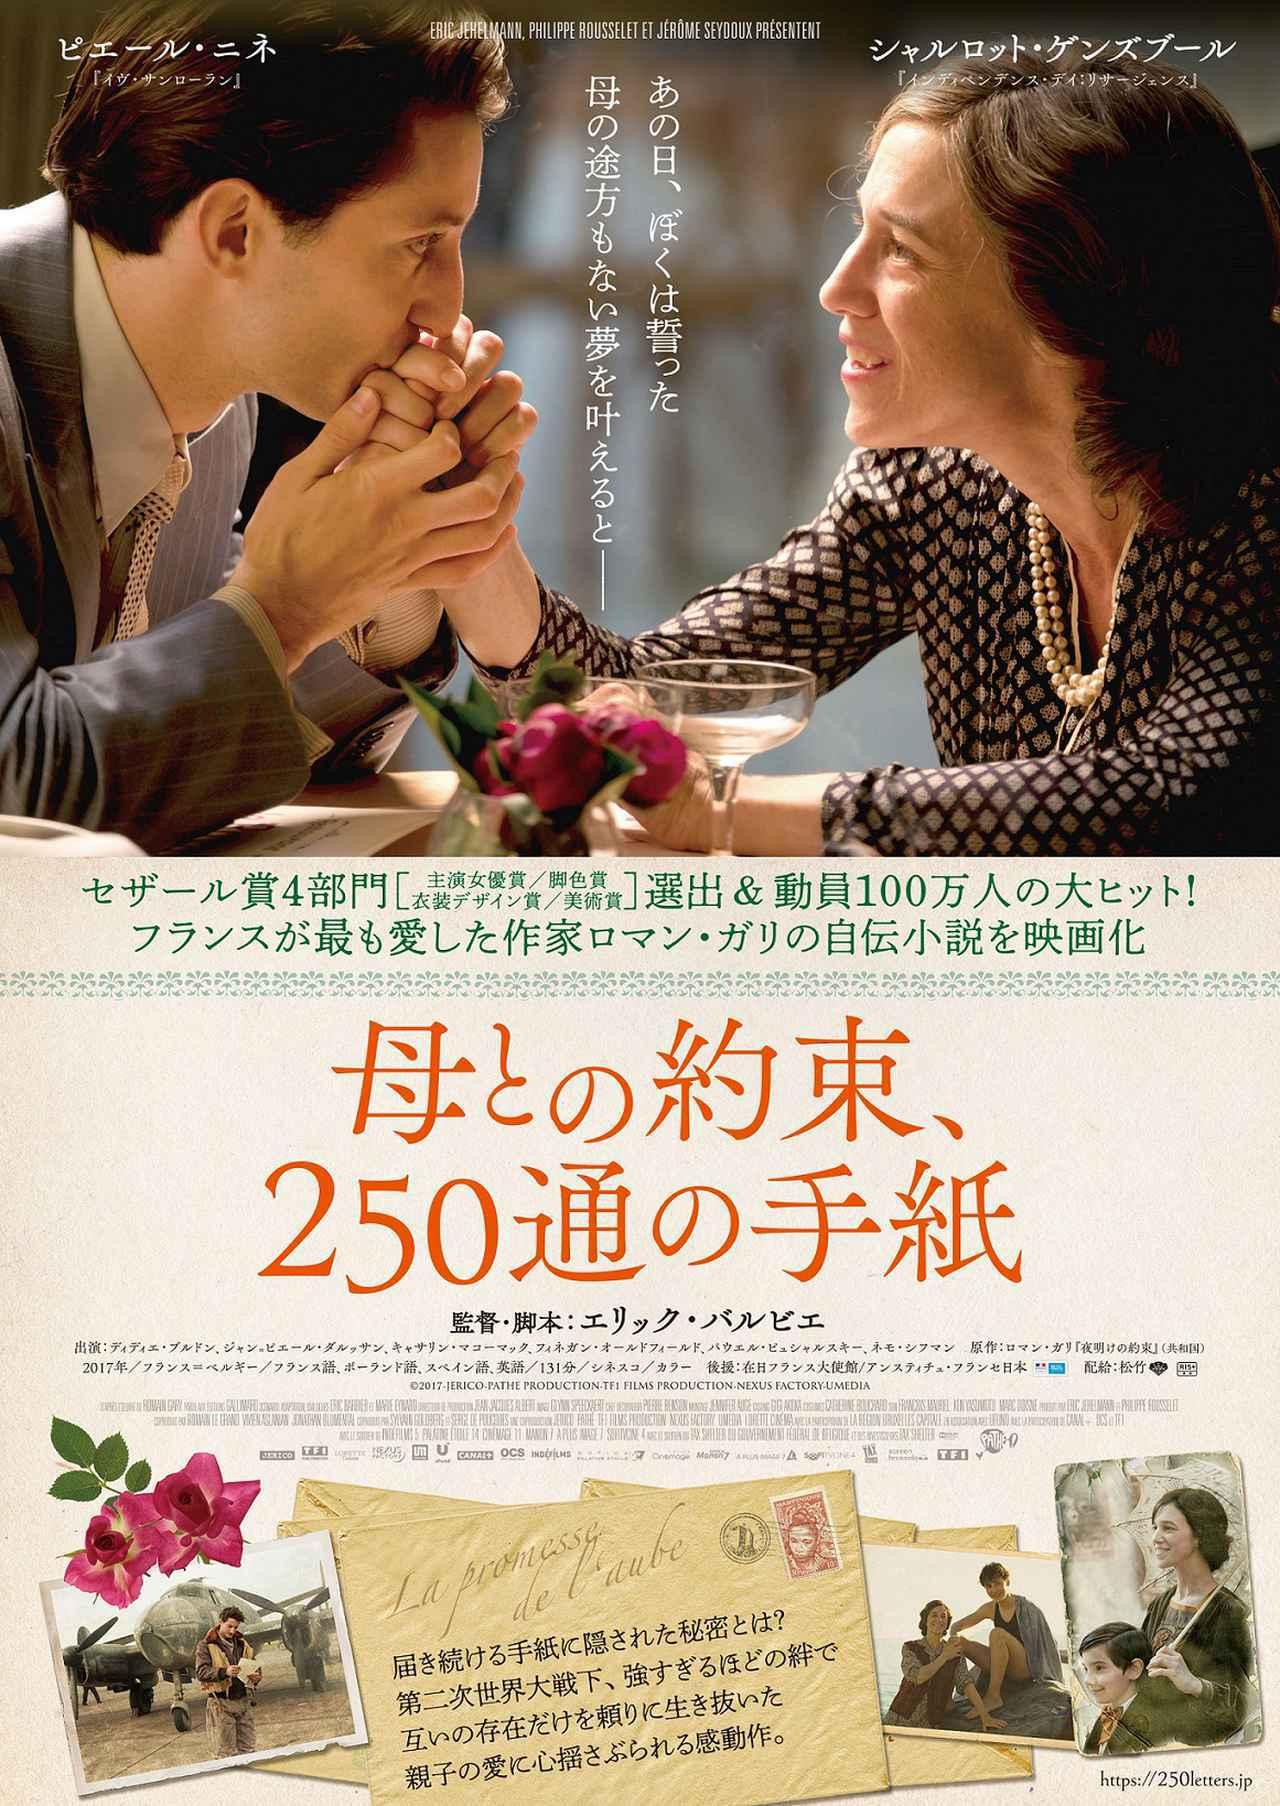 画像1: フランス有名作家ロマン・ガリのベストセラー自伝小説を映画化!『母との約束、250通の手紙』ピエール・ニネ インタビュー